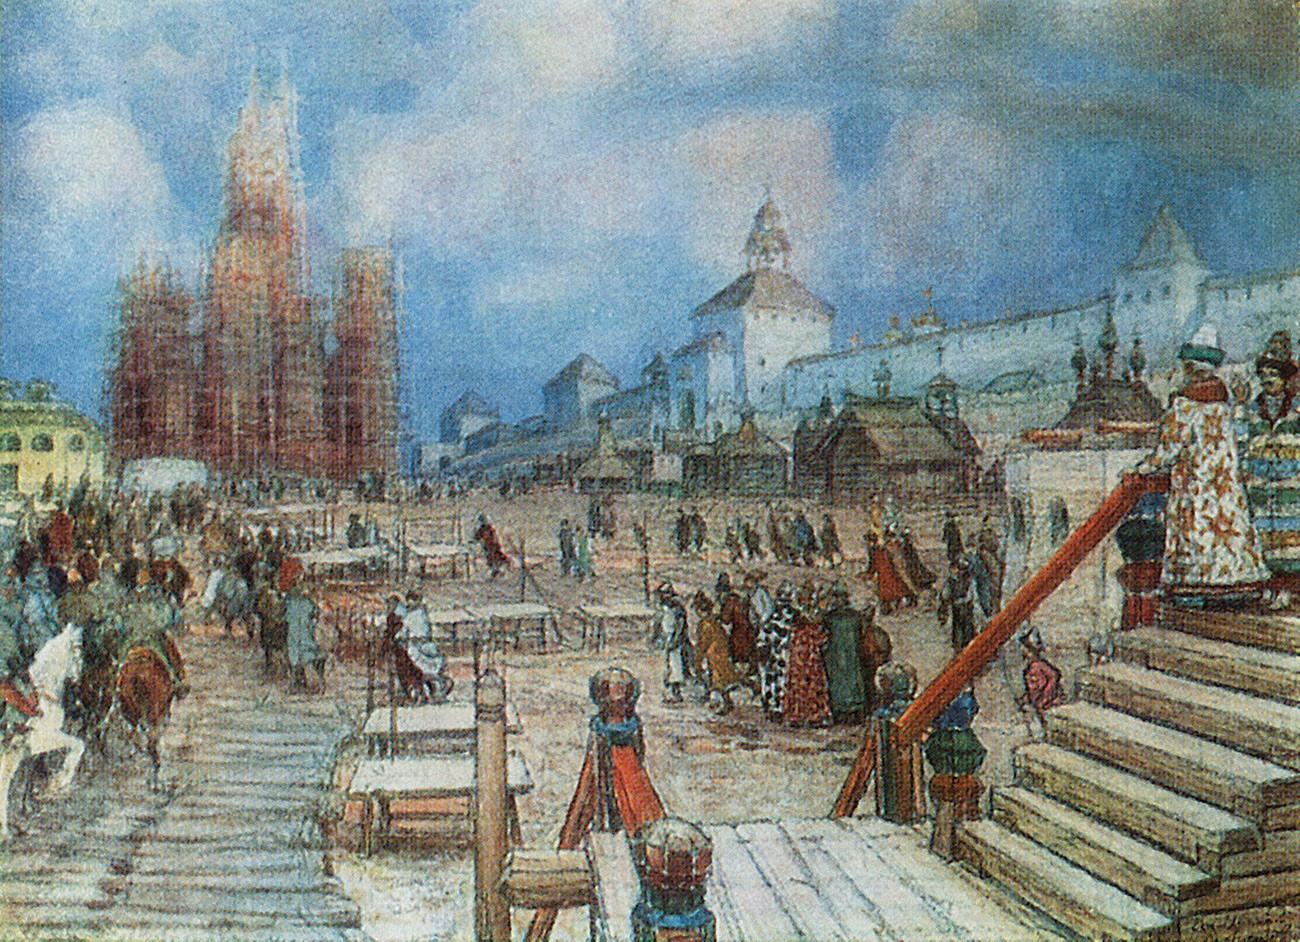 """Lukisan """"Lapangan Merah pada masa pemerintahan Ivan yang Mengerikan"""" karya Appolinary Vasnetsov. Pada lukisan itu, Katedral St. Basil tampak sedang dibangun."""